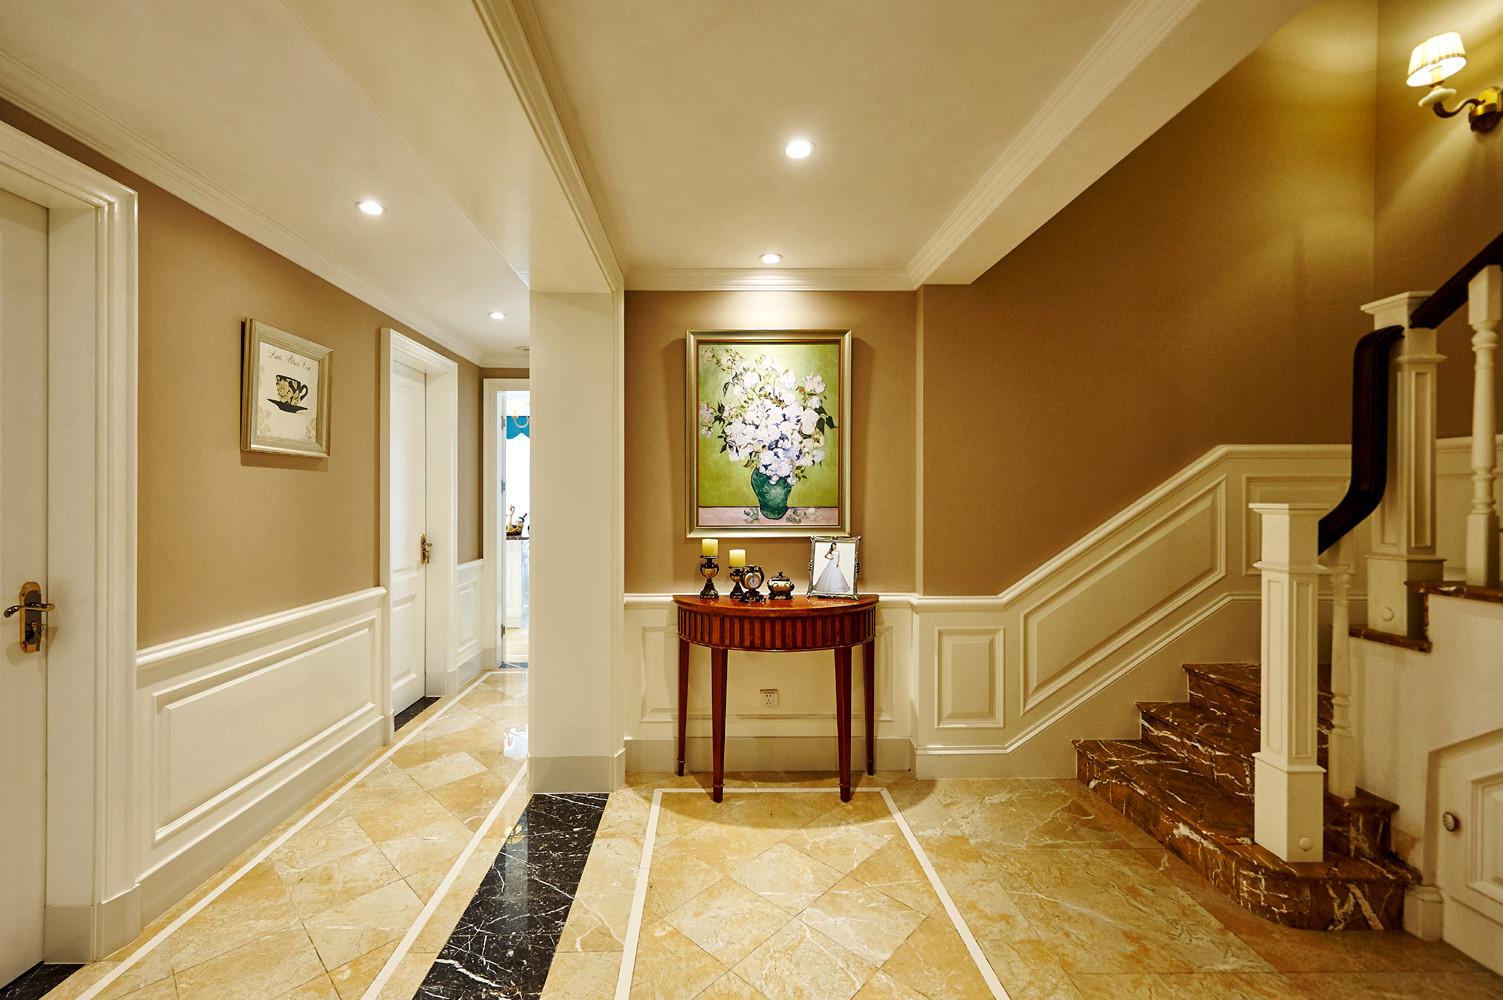 美式别墅装修楼梯间图片